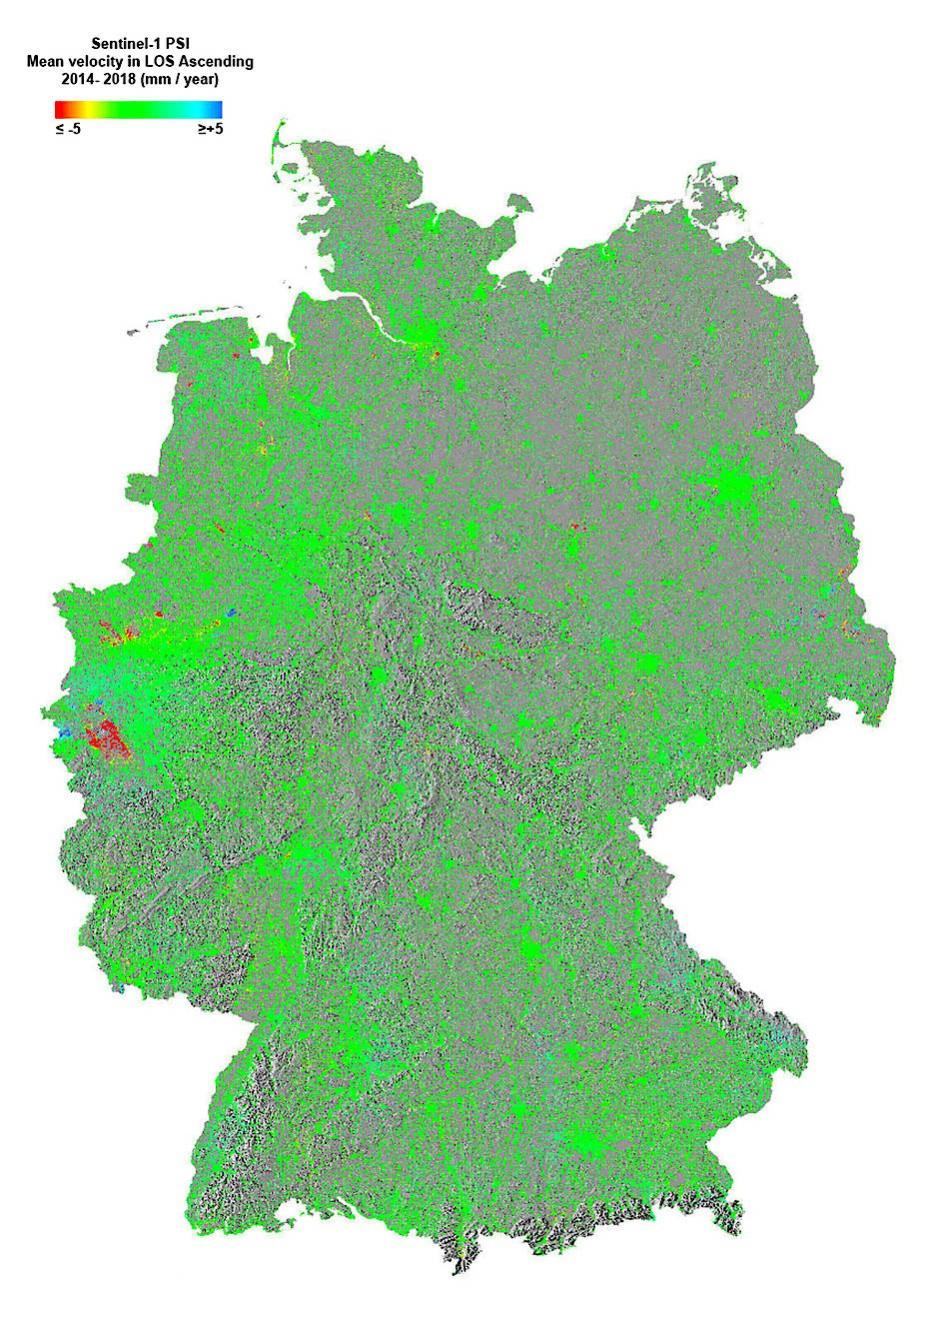 Deutschland ist ein stabiles Land – zumindest aus geologischer Sicht. Forscher des Bodenbewegungsdienstes der Bundesanstalt für Geowissenschaften und Rohstoffe (BGR) in Hannover haben nun auf der Basis von Messungen des europäischen Radarsatellitenpaares Sentinel-1 eine Karte der Hebungen und Senkungen des Bodens in Deutschland im Laufe der vergangenen vier Jahre erstellt. Die allergrößte Fläche erscheint auf dieser Karte in Grün, was bedeutet, dass keine vertikale Bodenbewegung gemessen werden konnte. Die Karte zeigt aber auch einige sehr kleine blaue Flecken, in denen sich der Boden um bis zu fünf Millimeter im Jahr gehoben hat. Bodensenkungen (in Rot und Gelb) gibt es hauptsächlich in Nordrhein-Westfalen. Sie sind eine direkte Folge des Bergbaus, etwa im Ruhrgebiet, wo noch bis vor kurzem Steinkohle unter Tage abgebaut wurde. Dort wurden Senkungsraten von fünf Millimetern pro Jahr gemessen. Die größte rote Fläche auf der Karte gibt es im äußersten Westen des Landes im Rheinischen Braunkohlerevier zwischen Köln und Aachen.